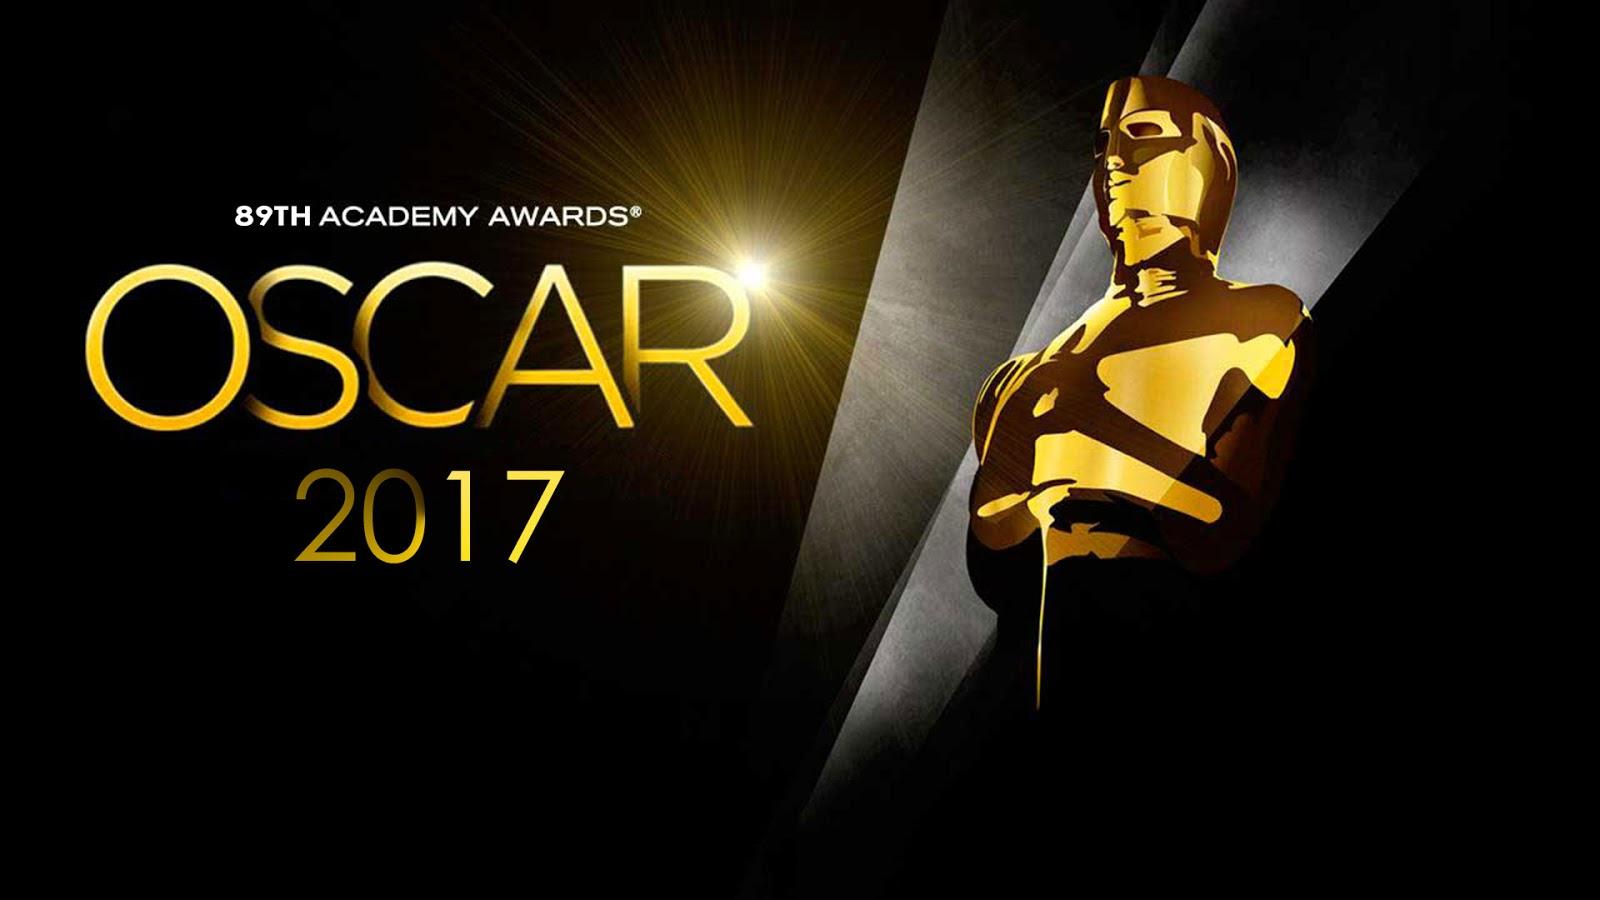 Oscar Awards 2017 Winners Names List